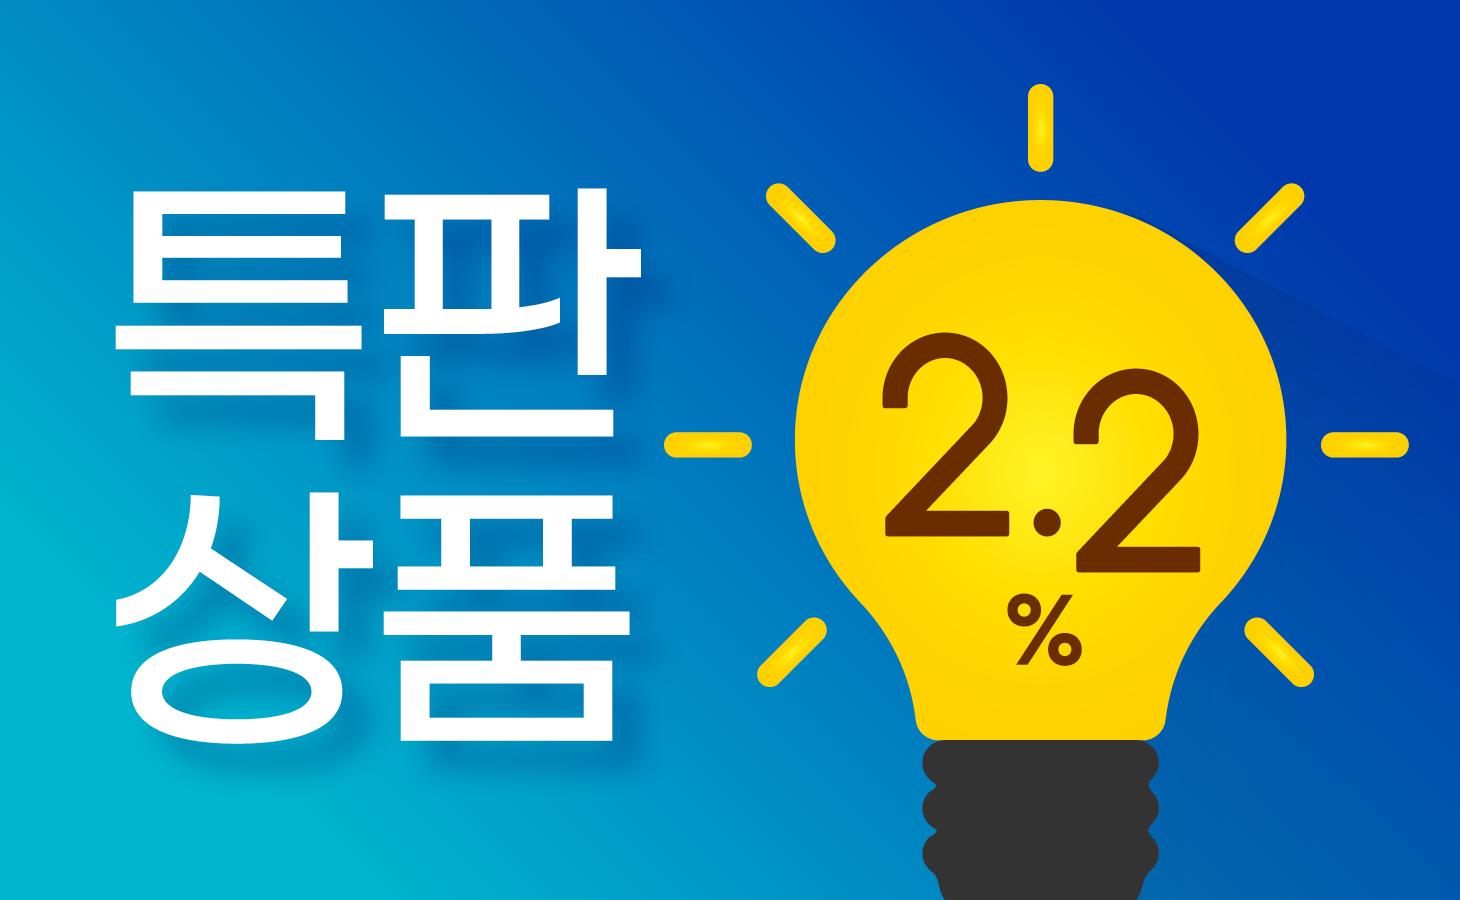 [영업점 계좌] 2.2% 특판상품 가입이벤트 이미지